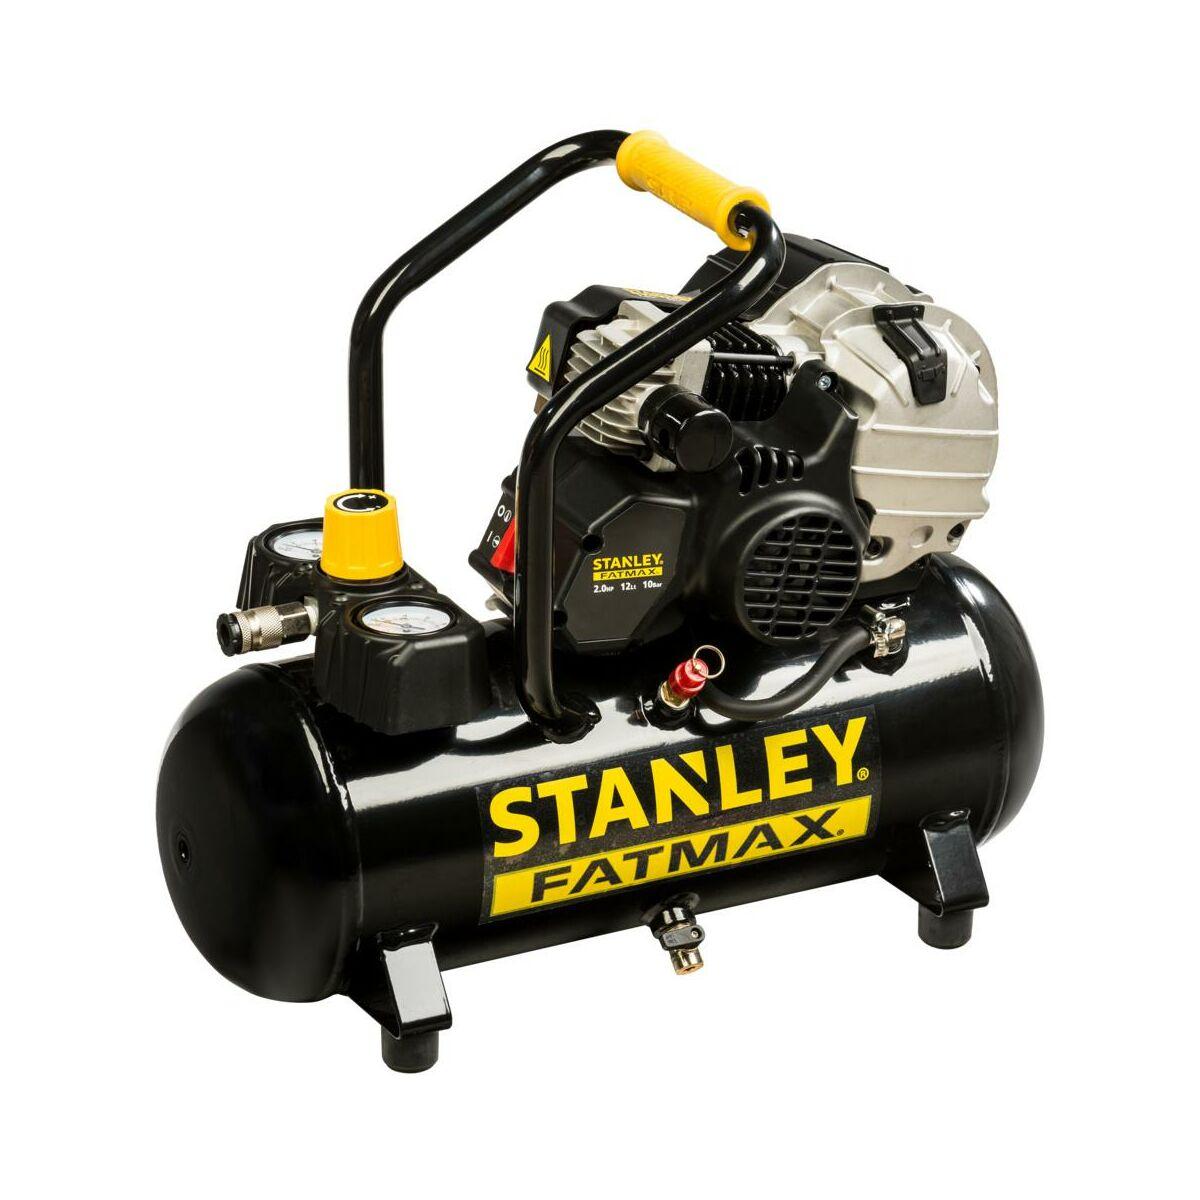 Kompresor Olejowy Hybd404stf509 12 L 10 Bar Stanley Fatmax Kompresory W Atrakcyjnej Cenie W Sklepach Leroy Merlin